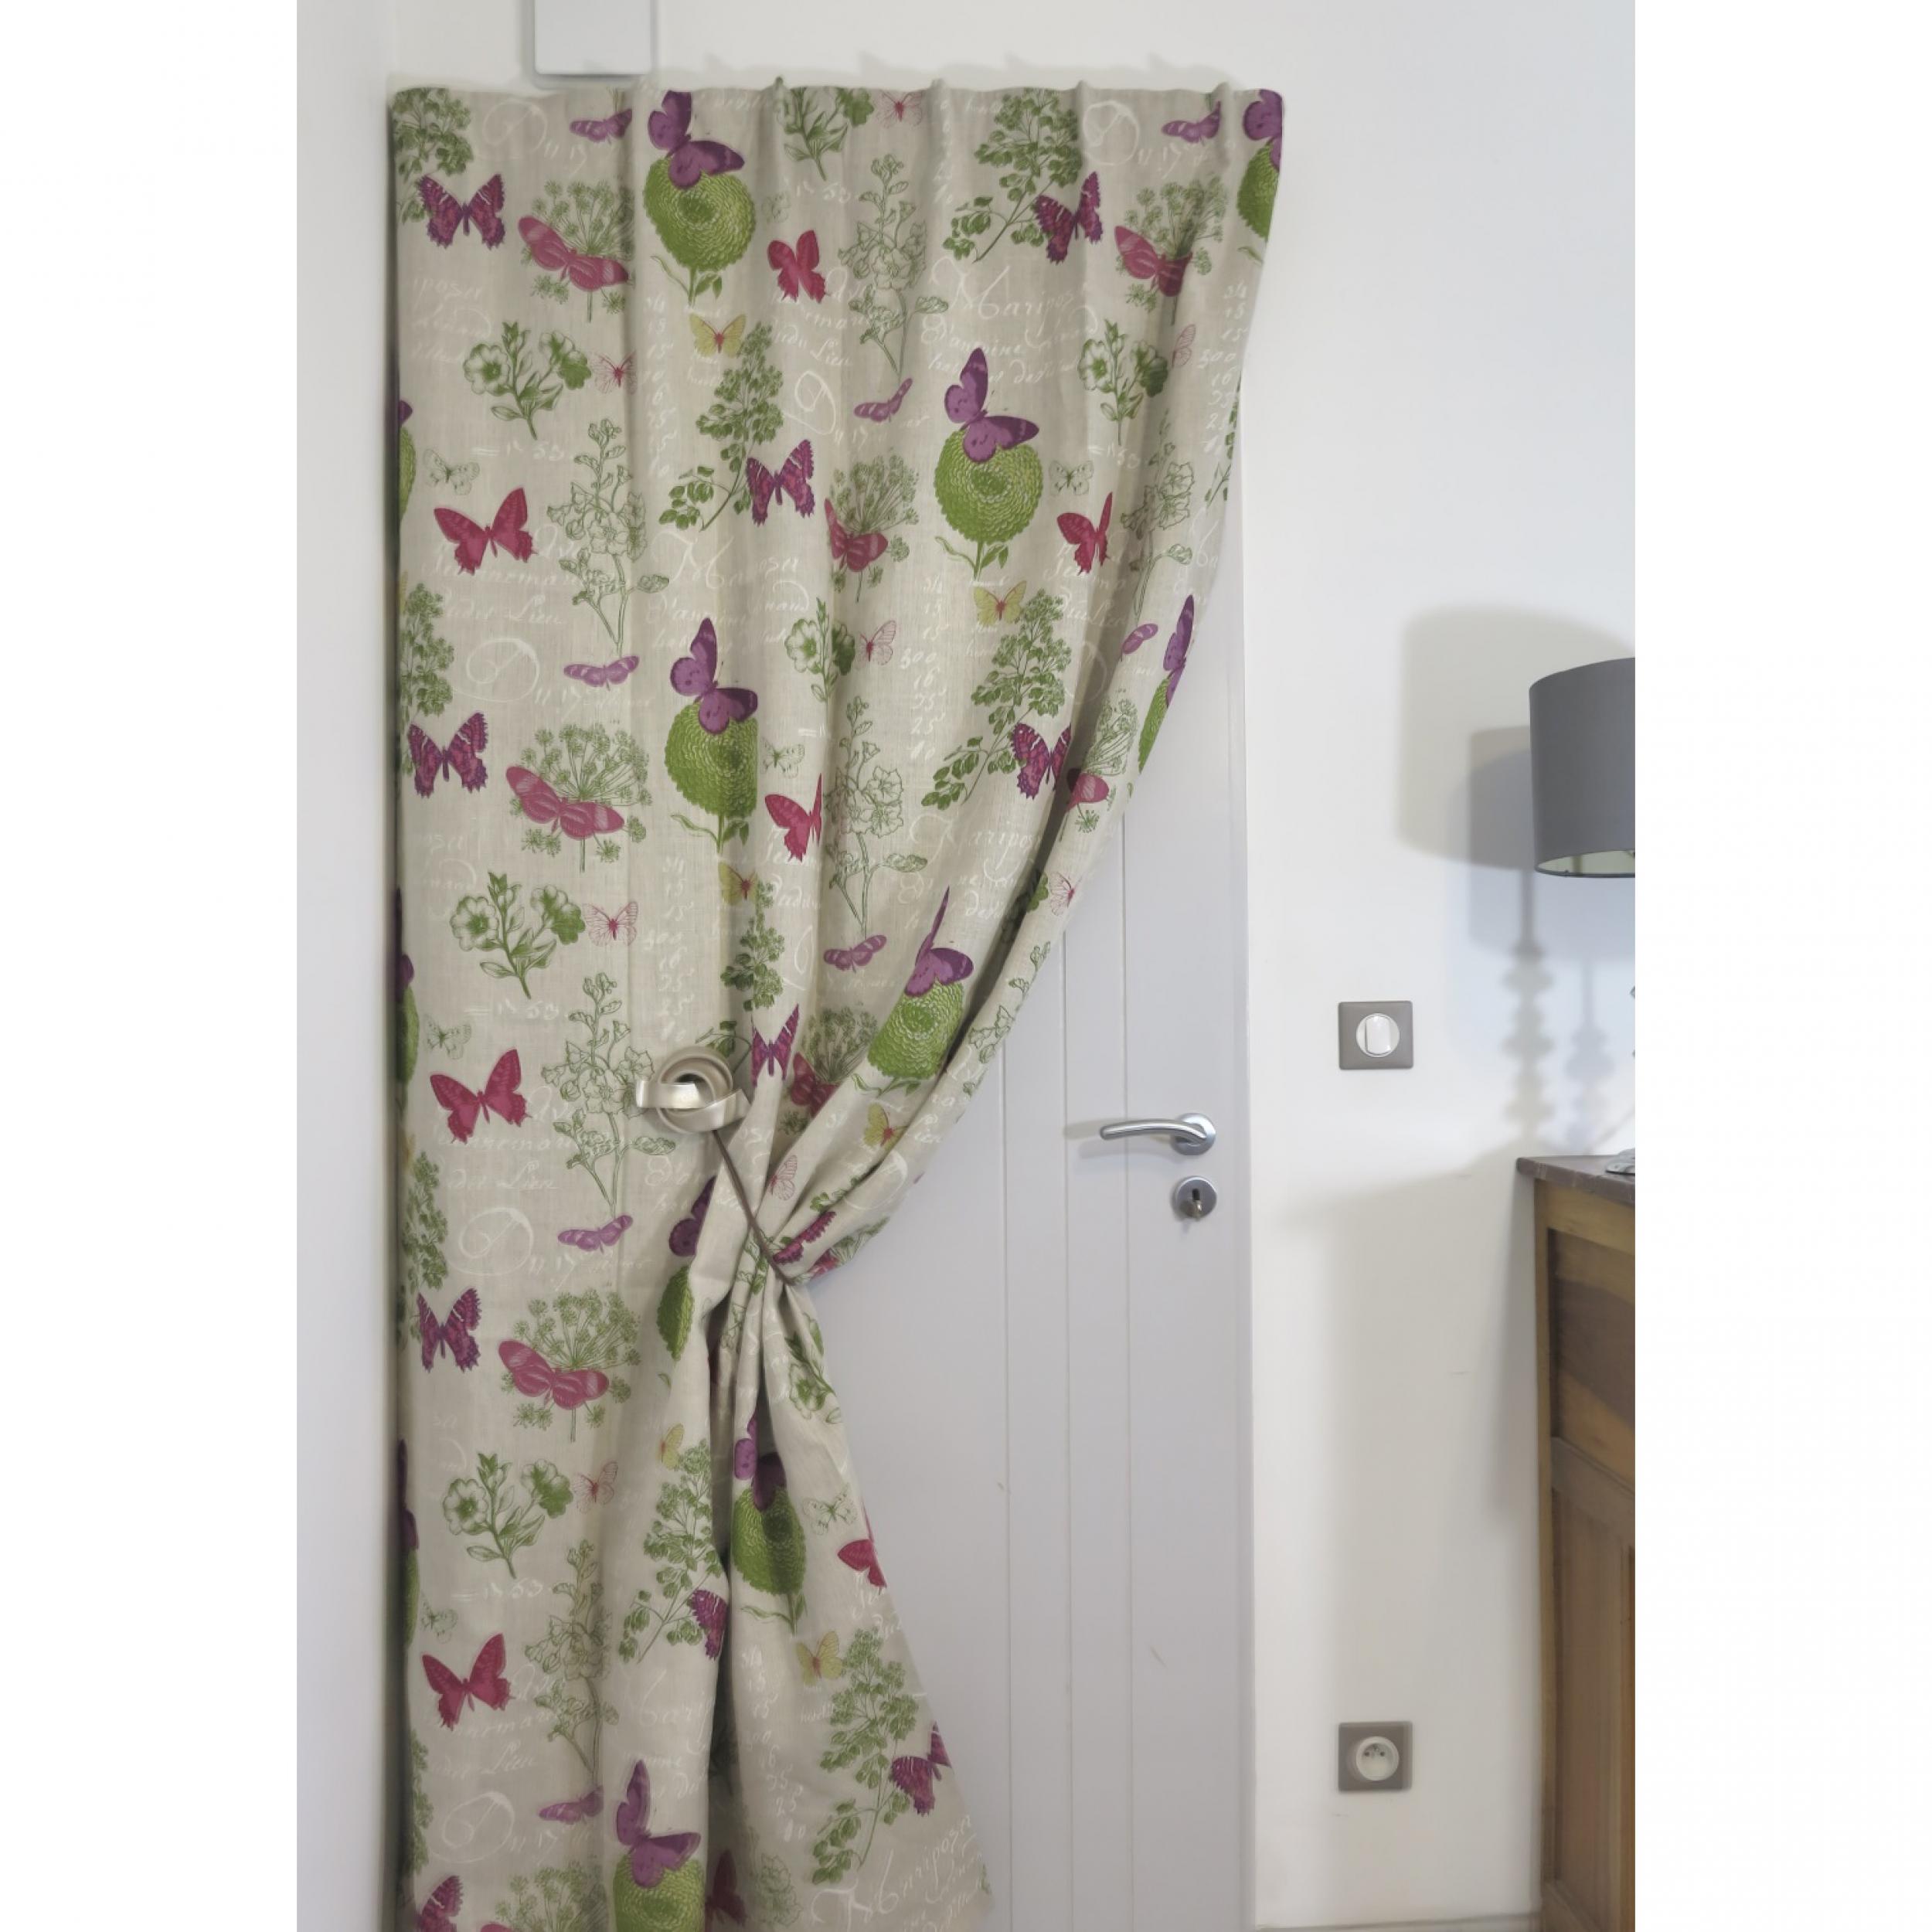 rideaux ruflette isolant thermique dynasty fushia pour tringle porti re 137 x 233 cm l 39 atelier. Black Bedroom Furniture Sets. Home Design Ideas